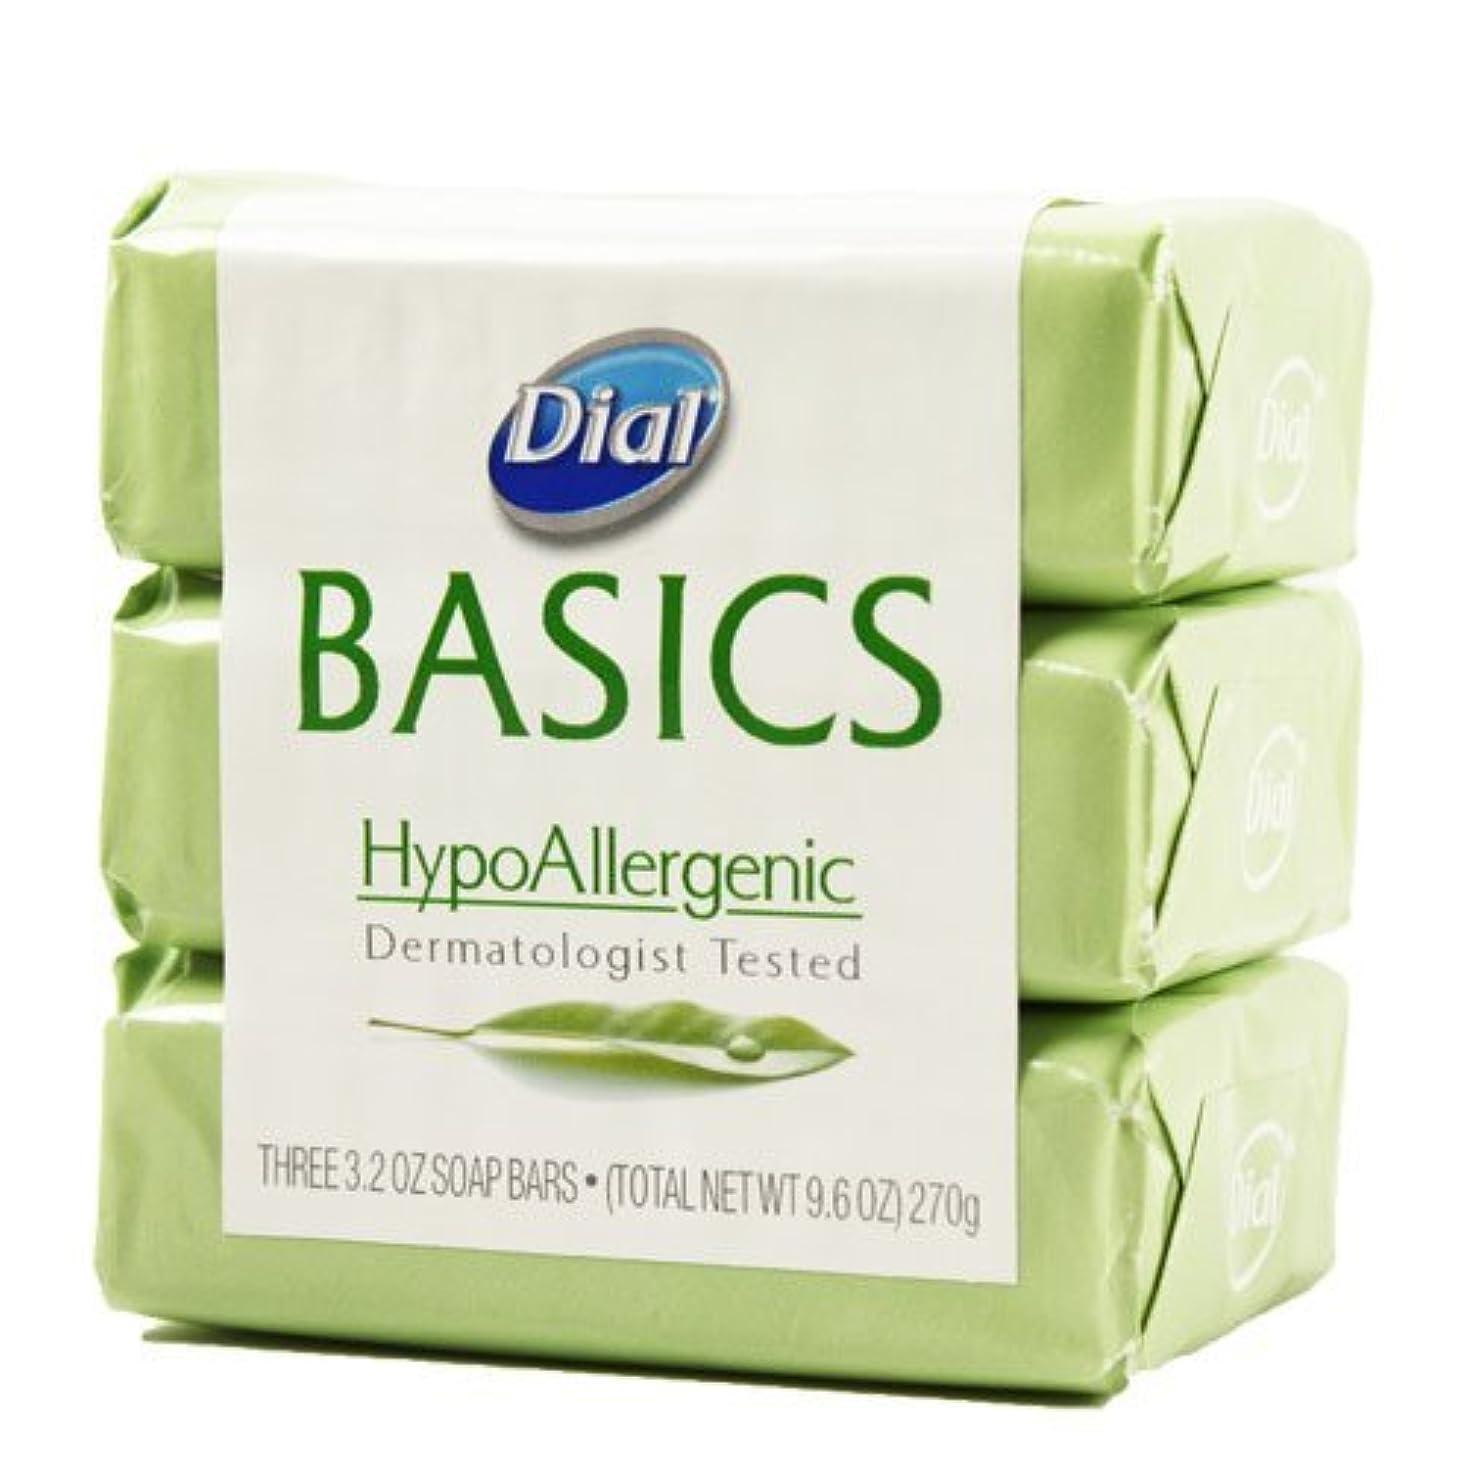 届ける南極パッドDial Basics HypoAllergenic Dermatologist Tested Bar Soap, 3.2 oz (18 Bars) by Basics